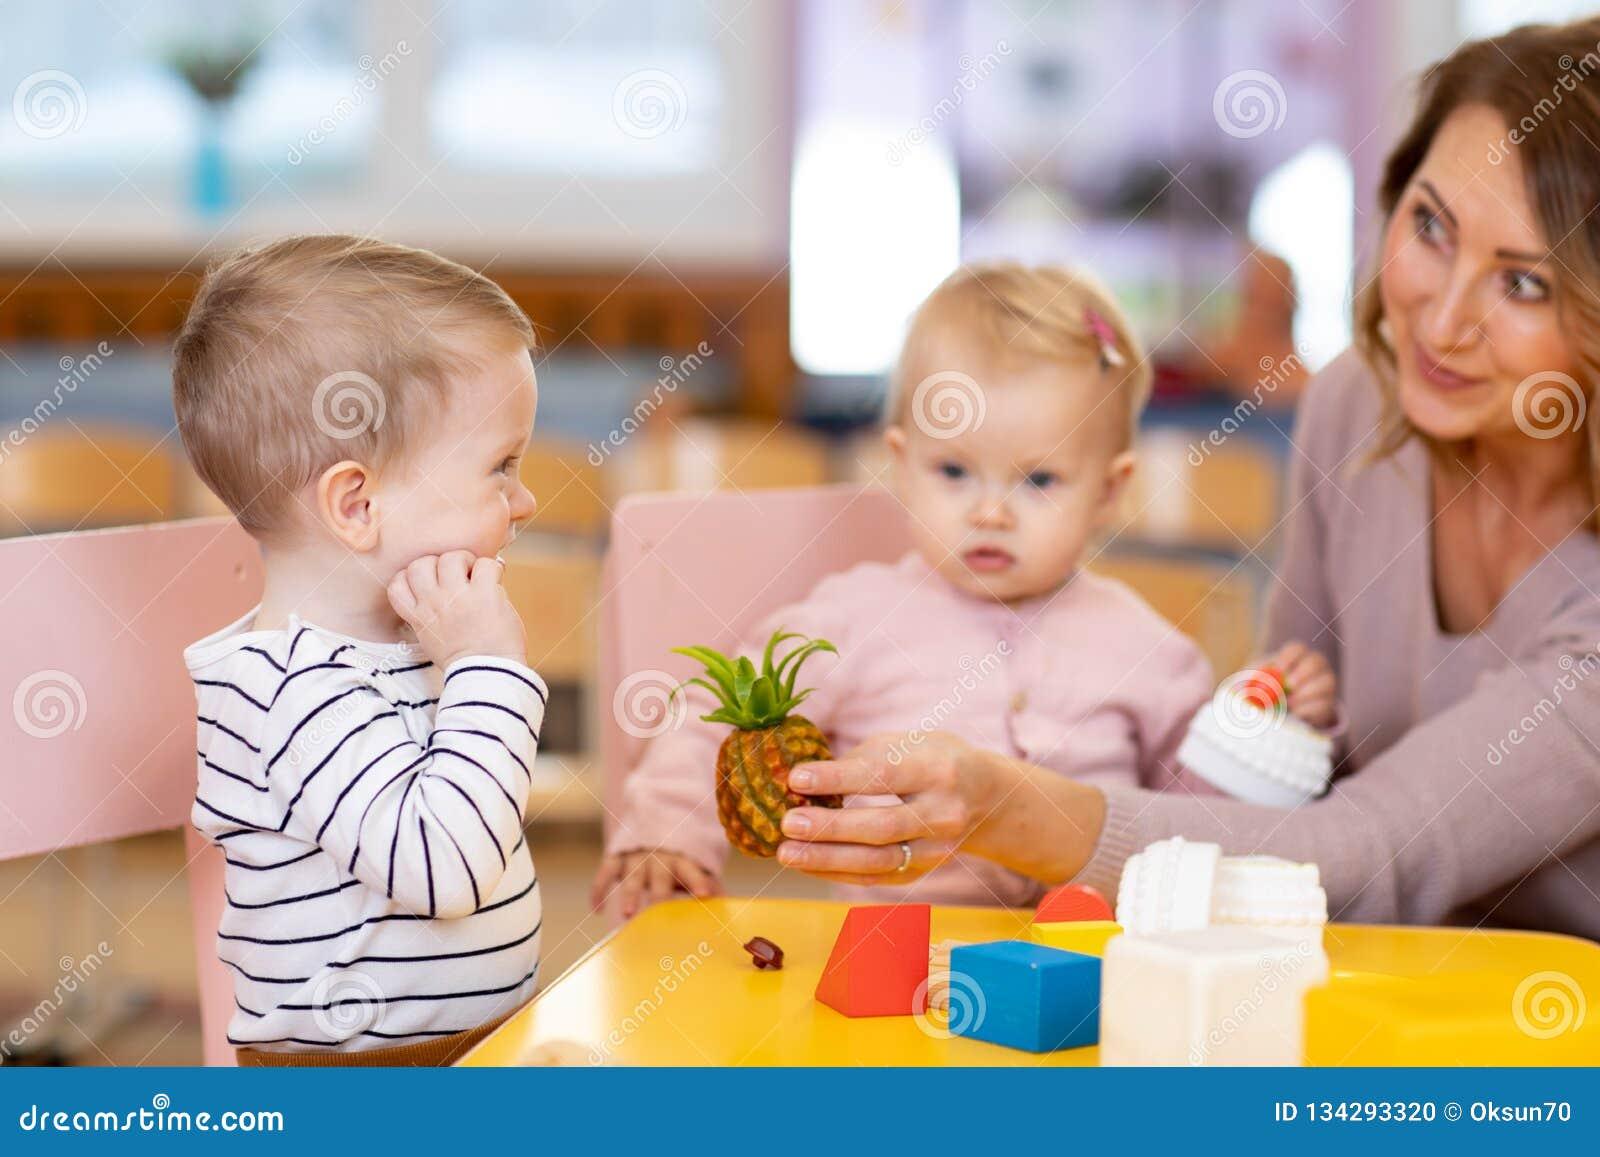 Förskole- lärare med barn som spelar med färgrik leksaker på dagiset